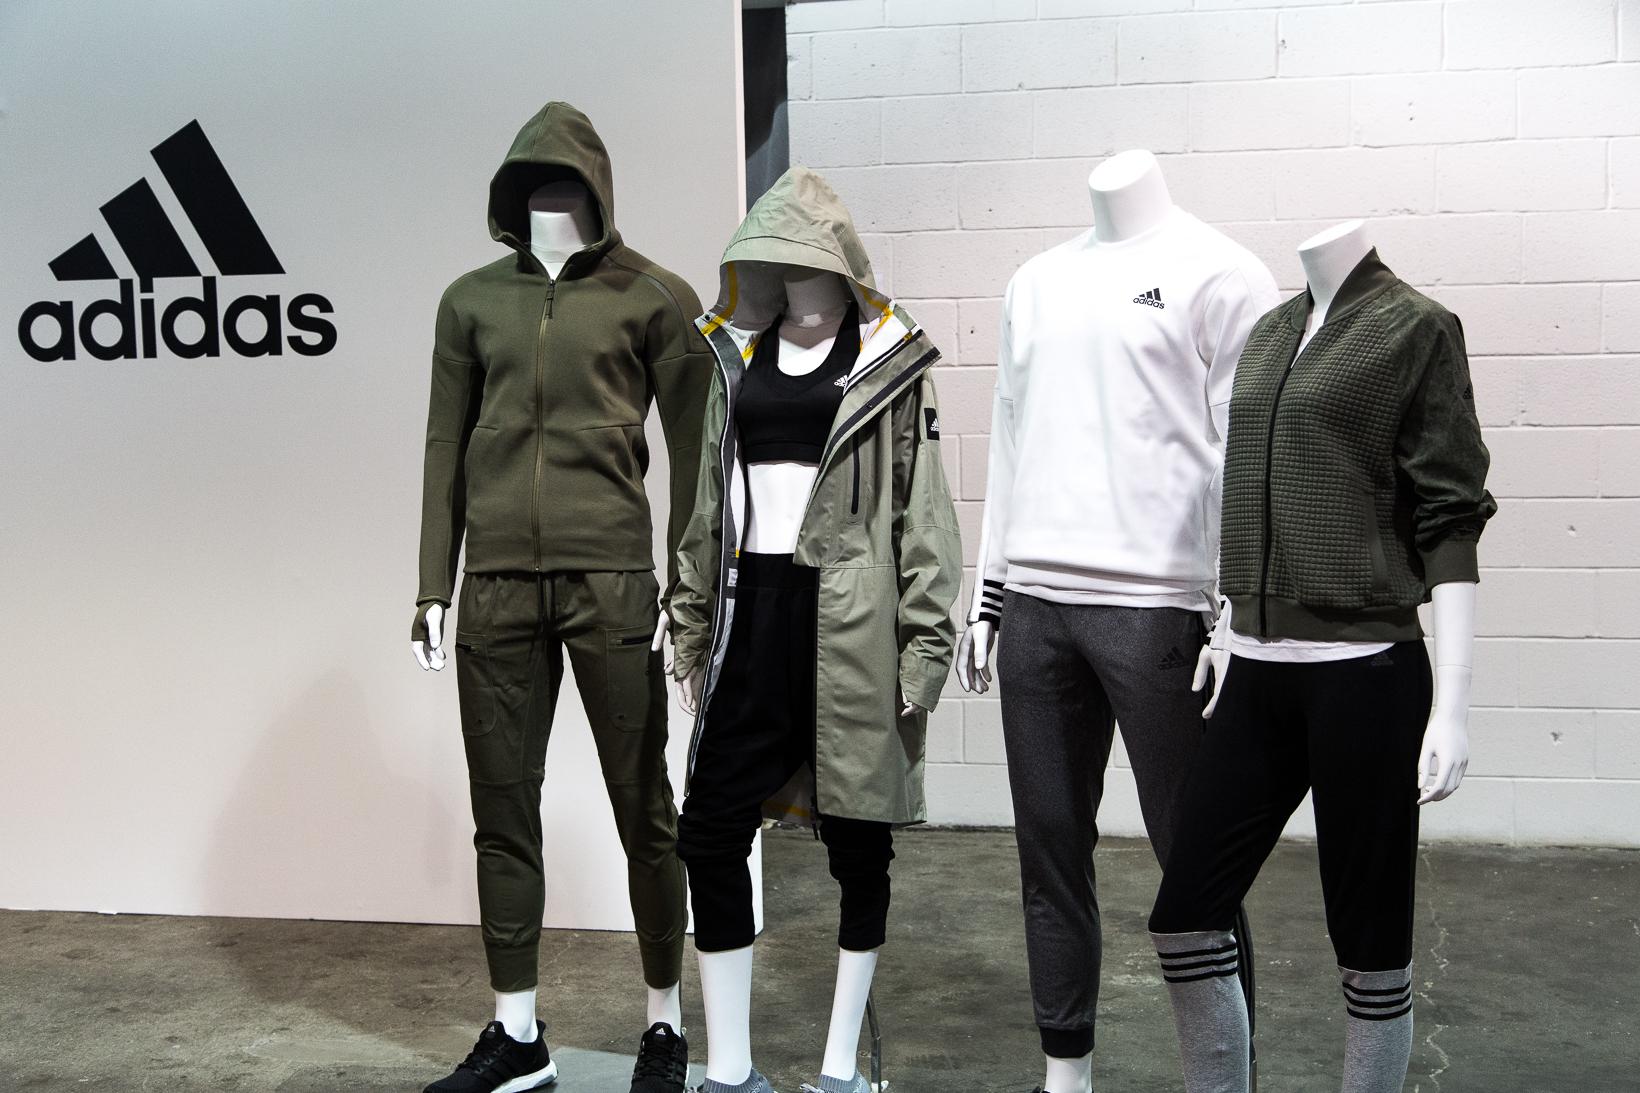 adidas Athletics FINDFOCUS NYC Event Recap